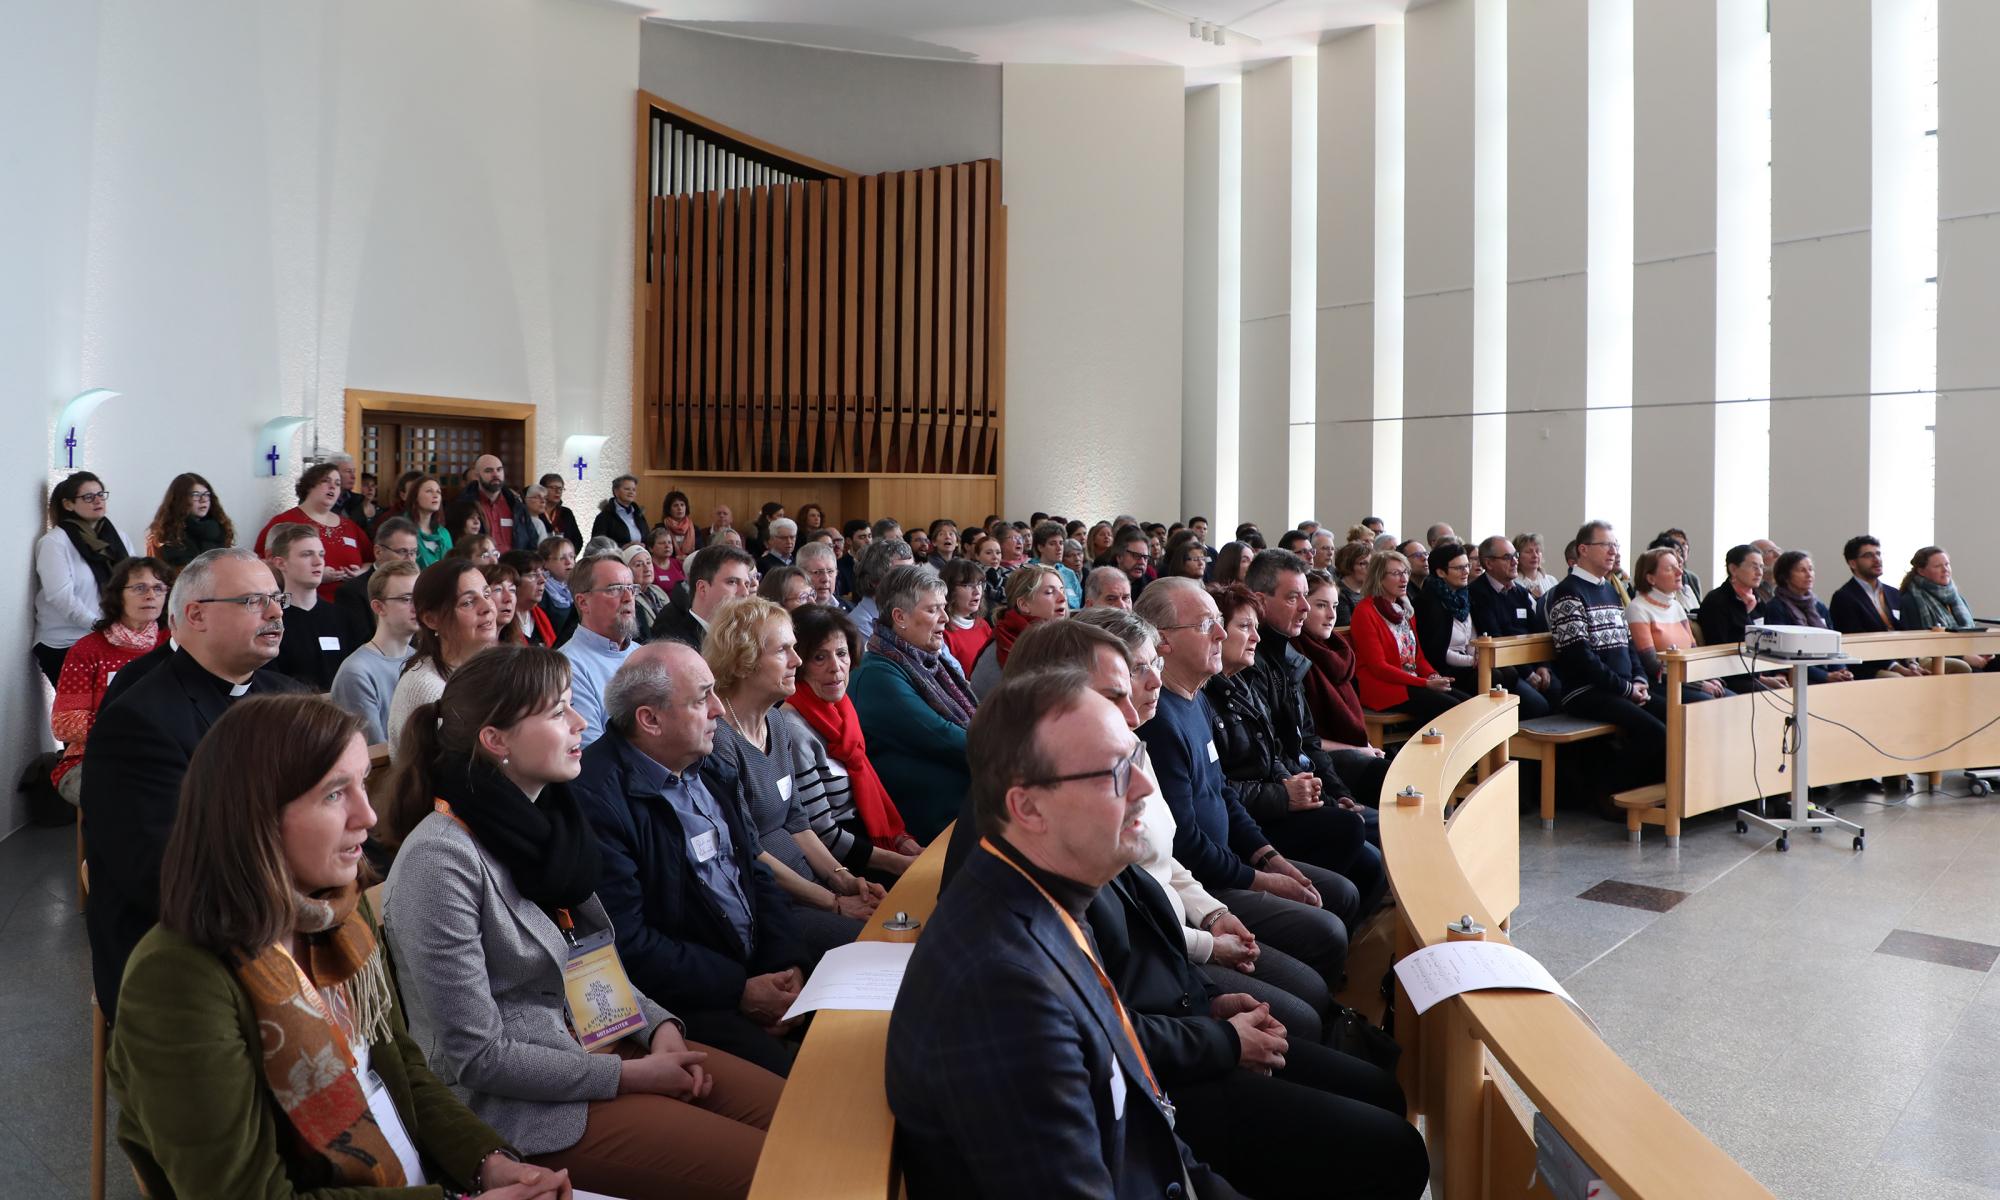 200208 Studientag Neuevangelisierung foto4